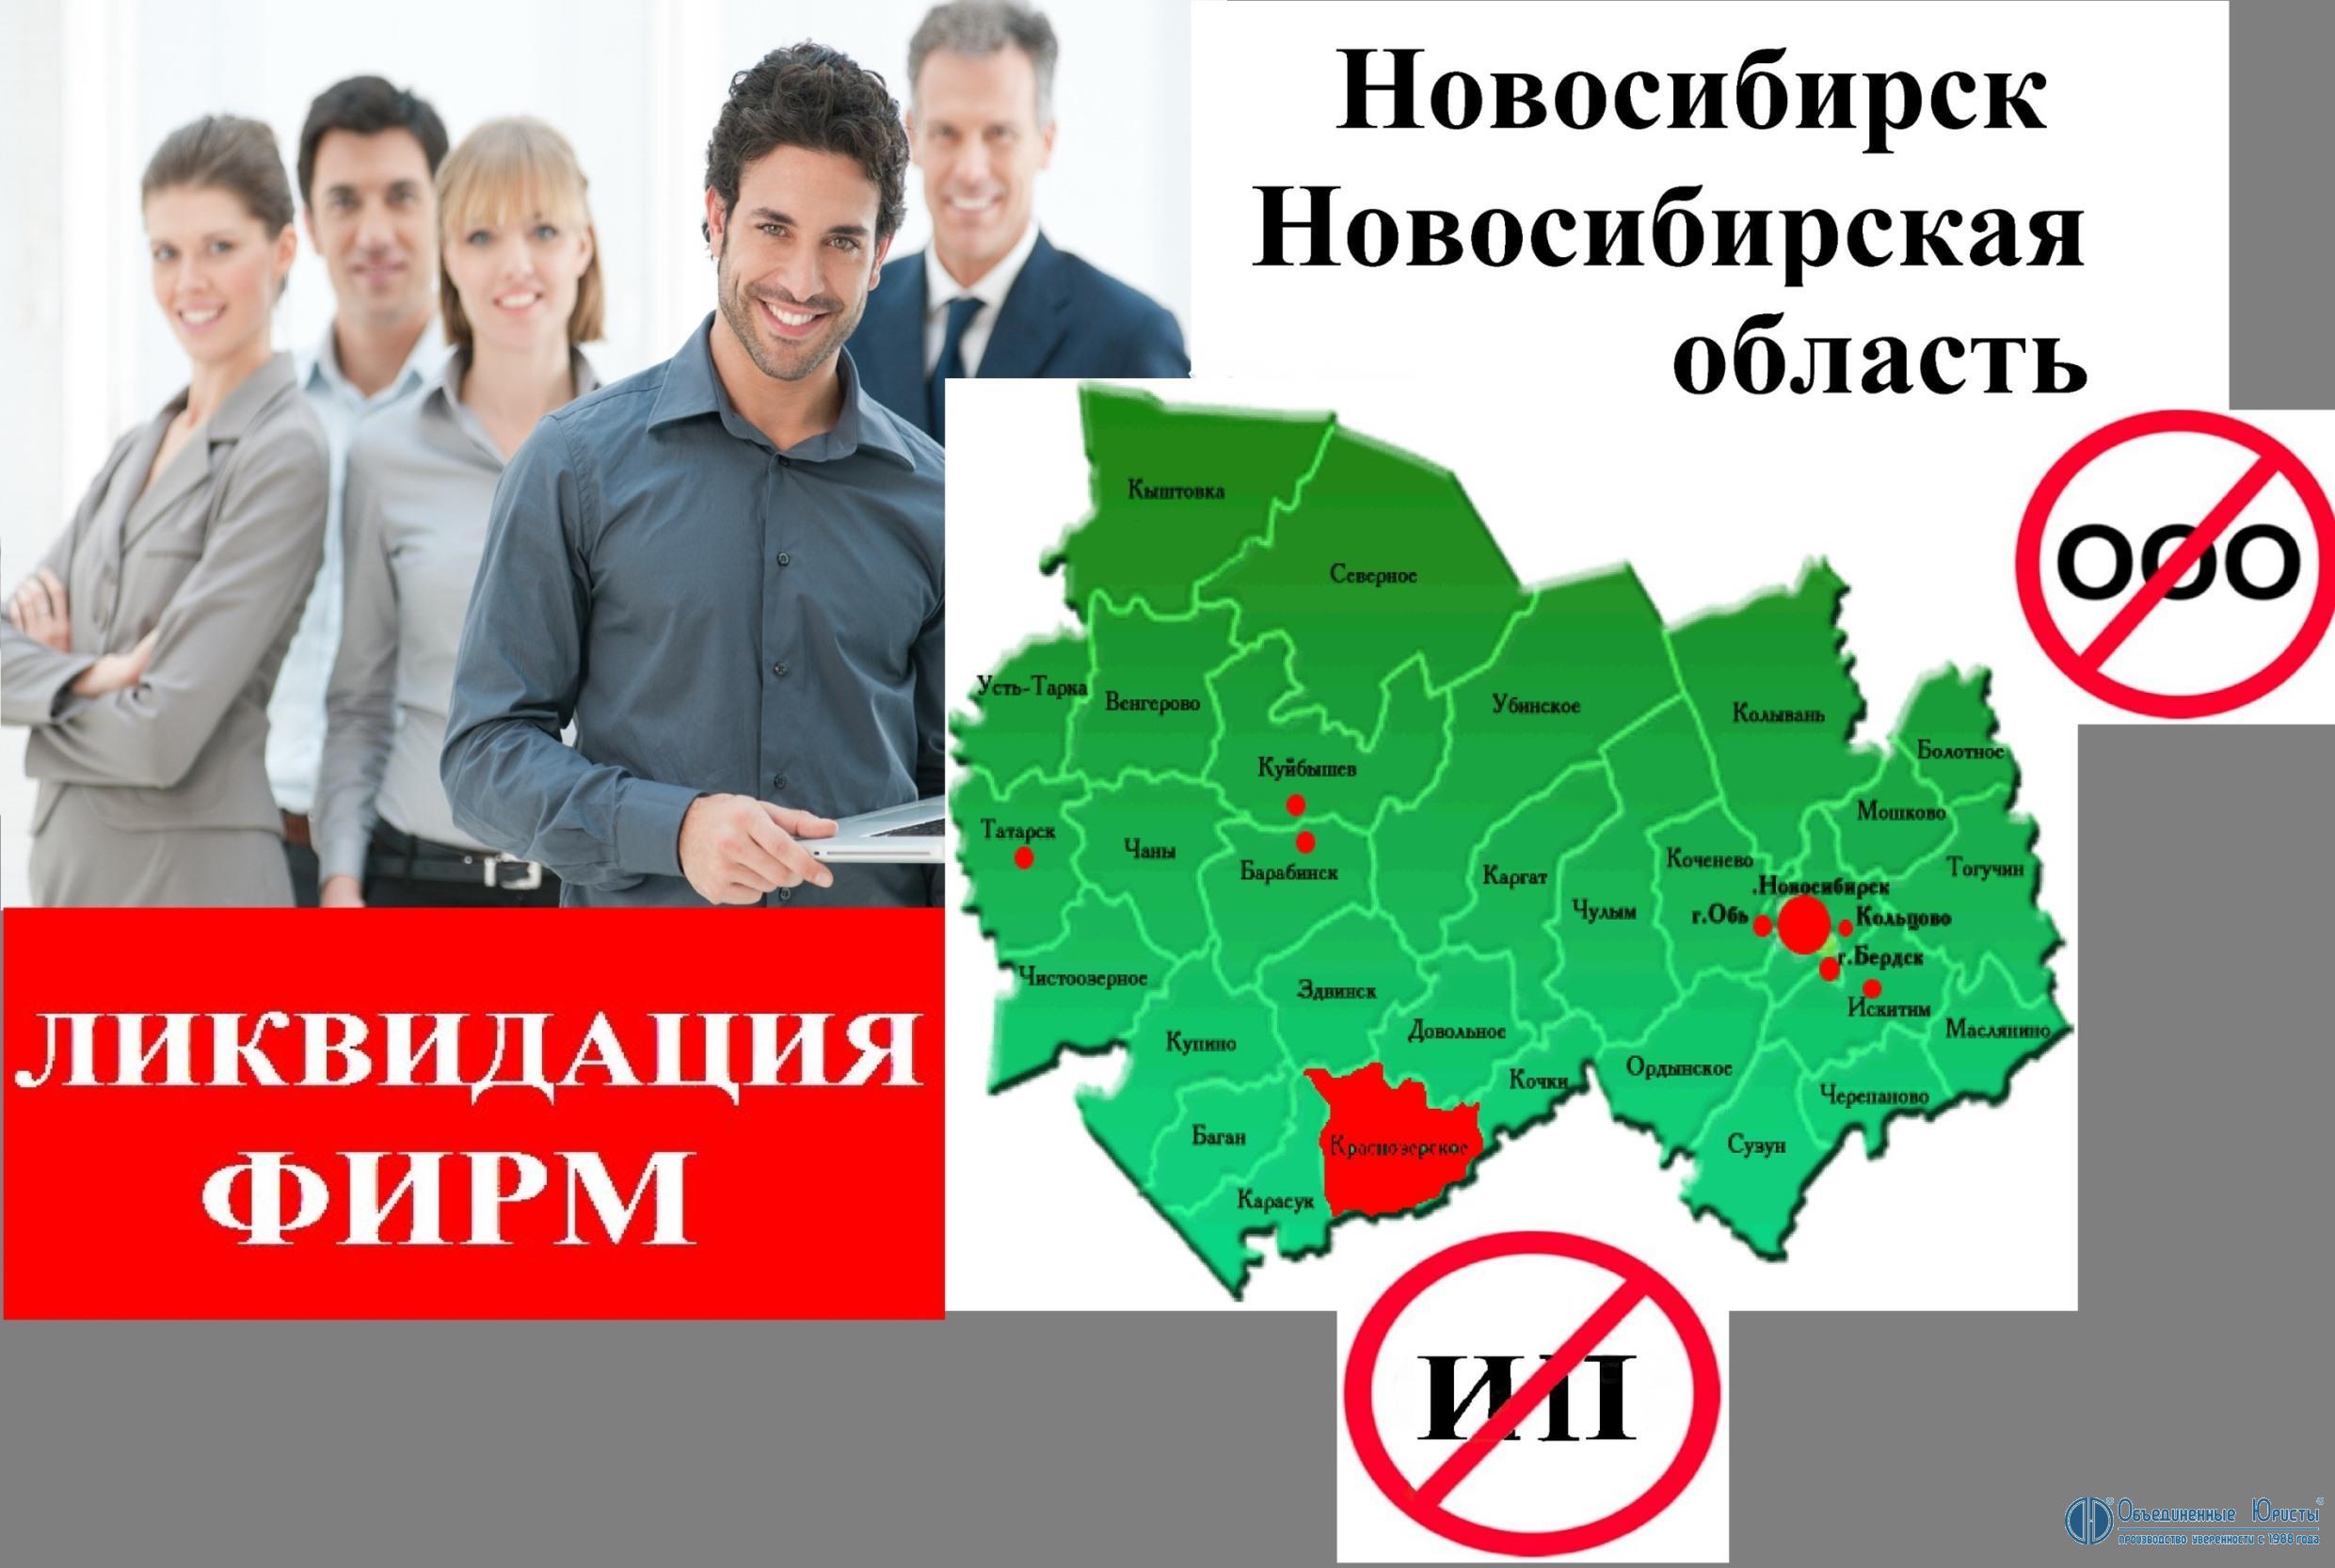 Ликвидация ООО Новосибирск, ликвидация фирм в Новосибирске и Новосибирской области, закрыть фирму в Новосибирске, ликвидация предприятия с долгами Новосибирск, закрытие фирмы Новосибирск, ликвидация ООО с долгами Новосибирск,как | Объединенные Юристы